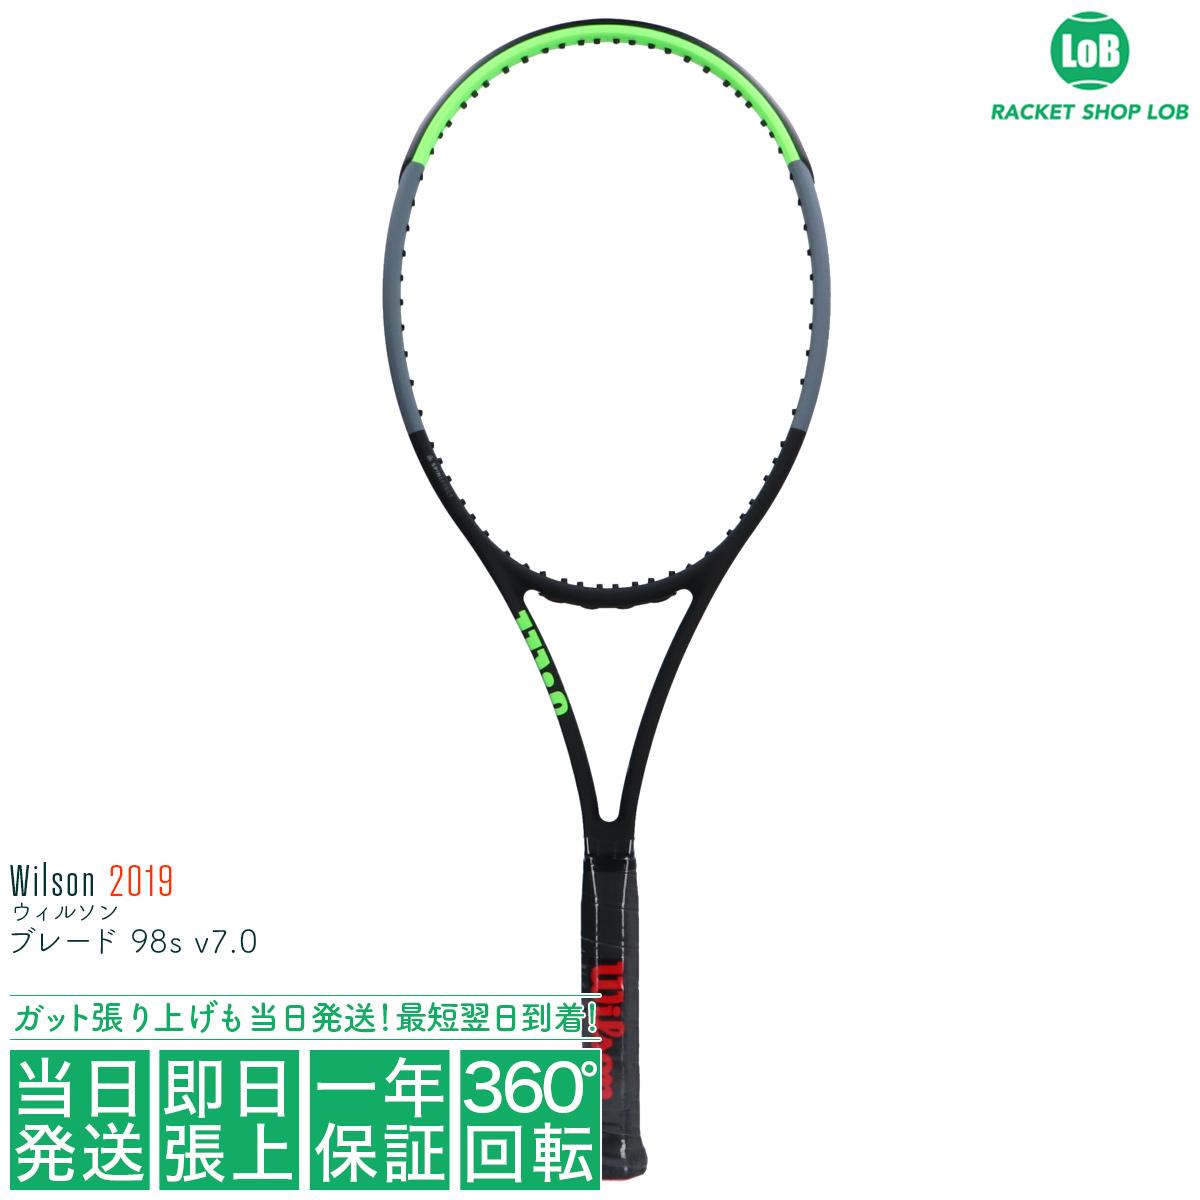 【クーポン利用で5%OFF!】ウィルソン ブレード 98s v7.0 2019(Wilson BLADE 98s v7.0)295g WR013811 硬式テニスラケット